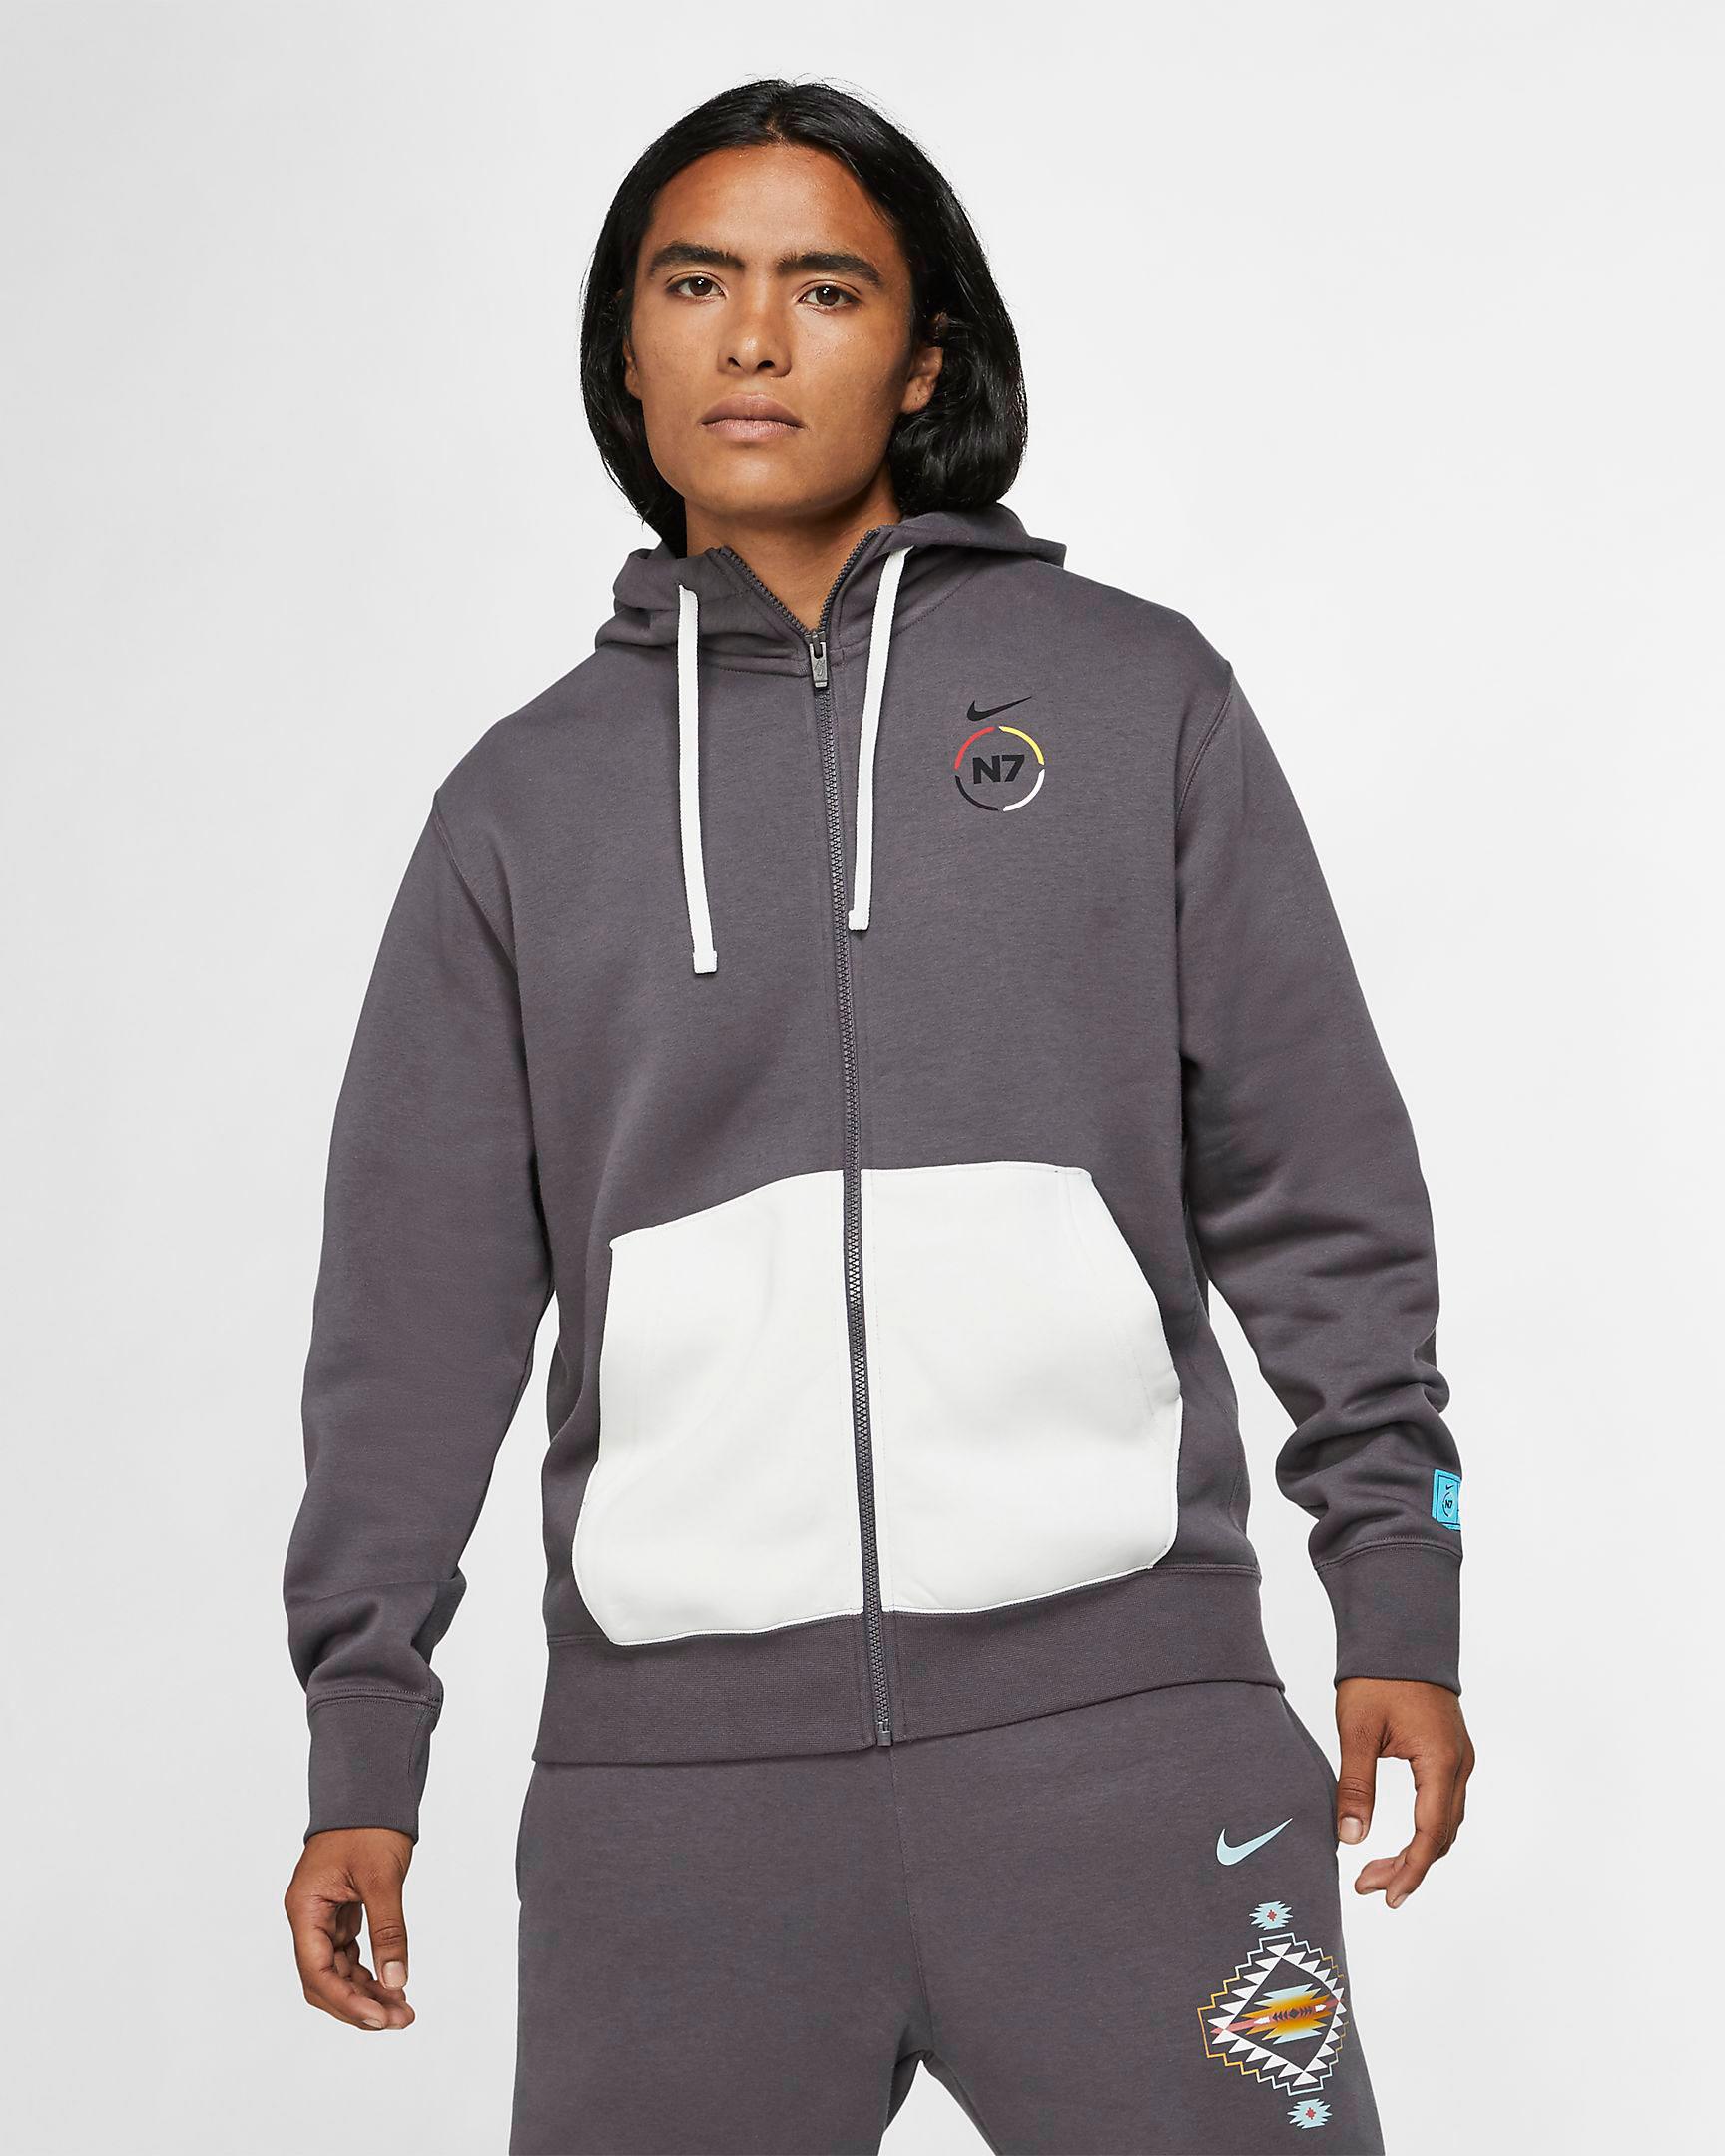 jordan-8-n7-nike-hoodie